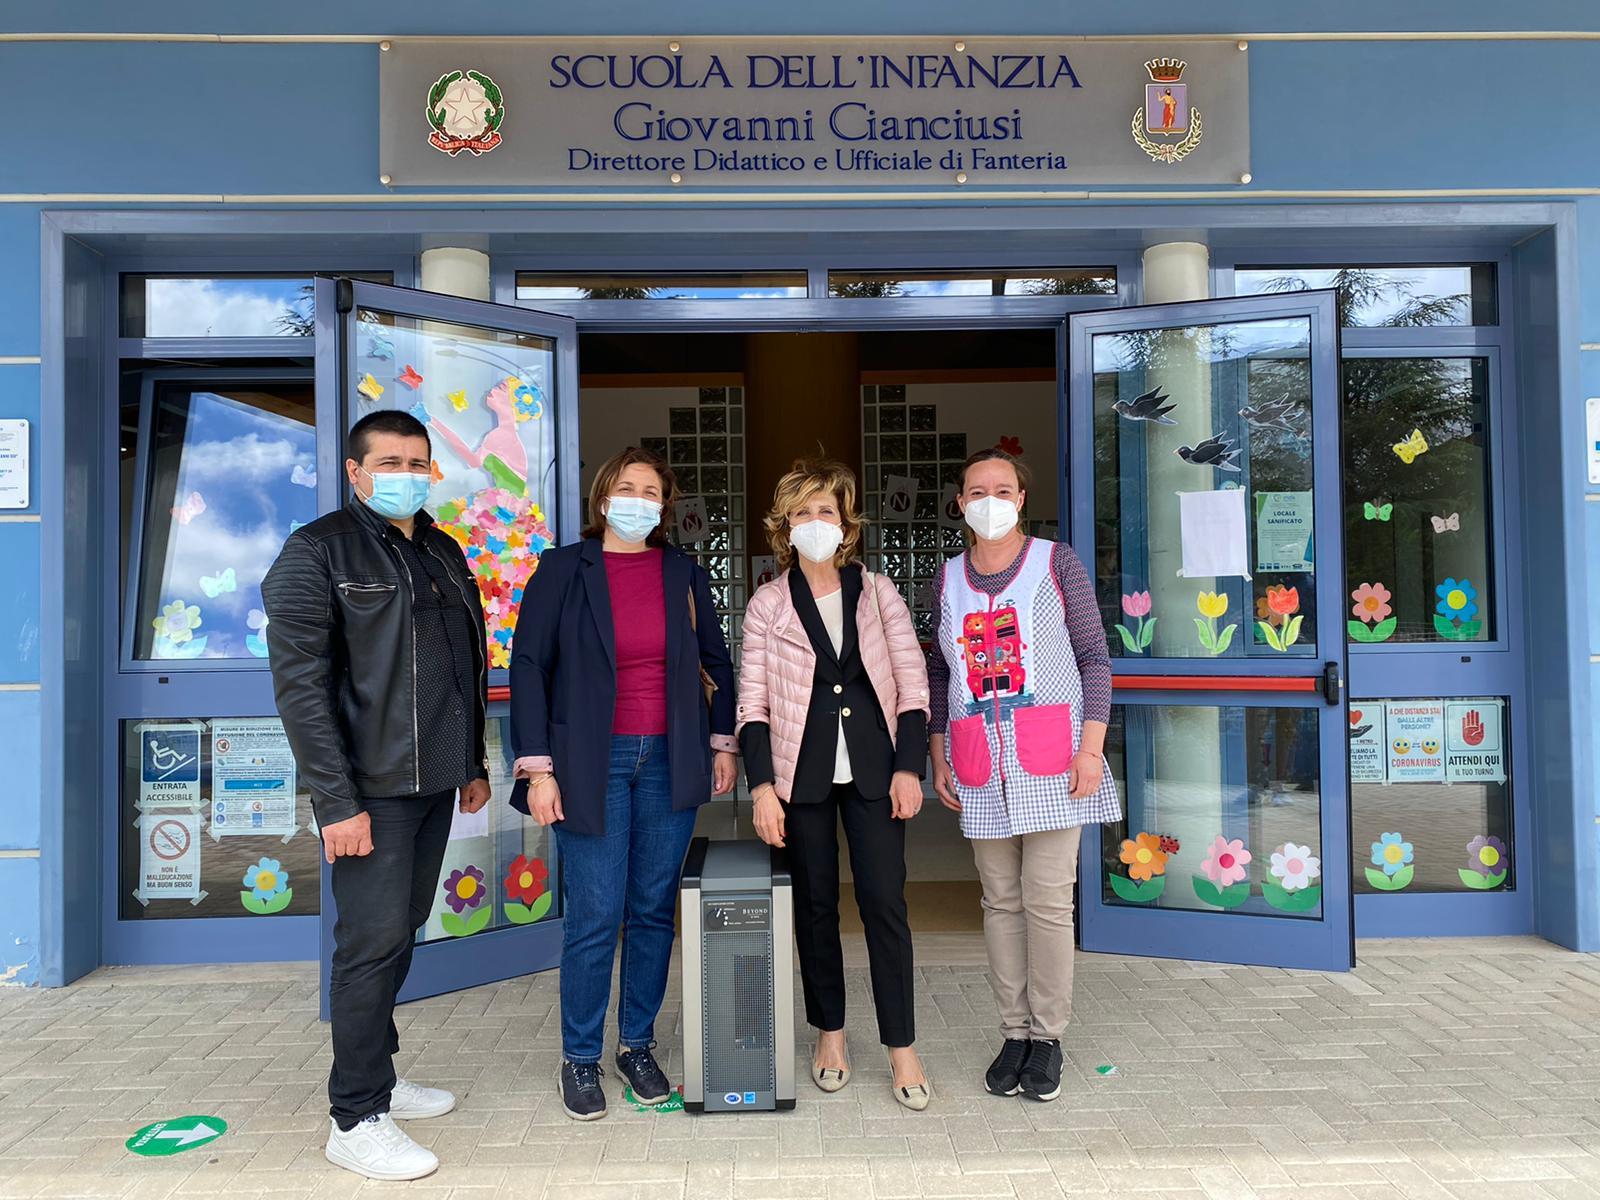 """Arrivano 15 sanificatori nelle scuole materne di Avezzano, Colizza e Gallese: """"Strumenti utili per migliorare la qualità degli ambienti"""""""